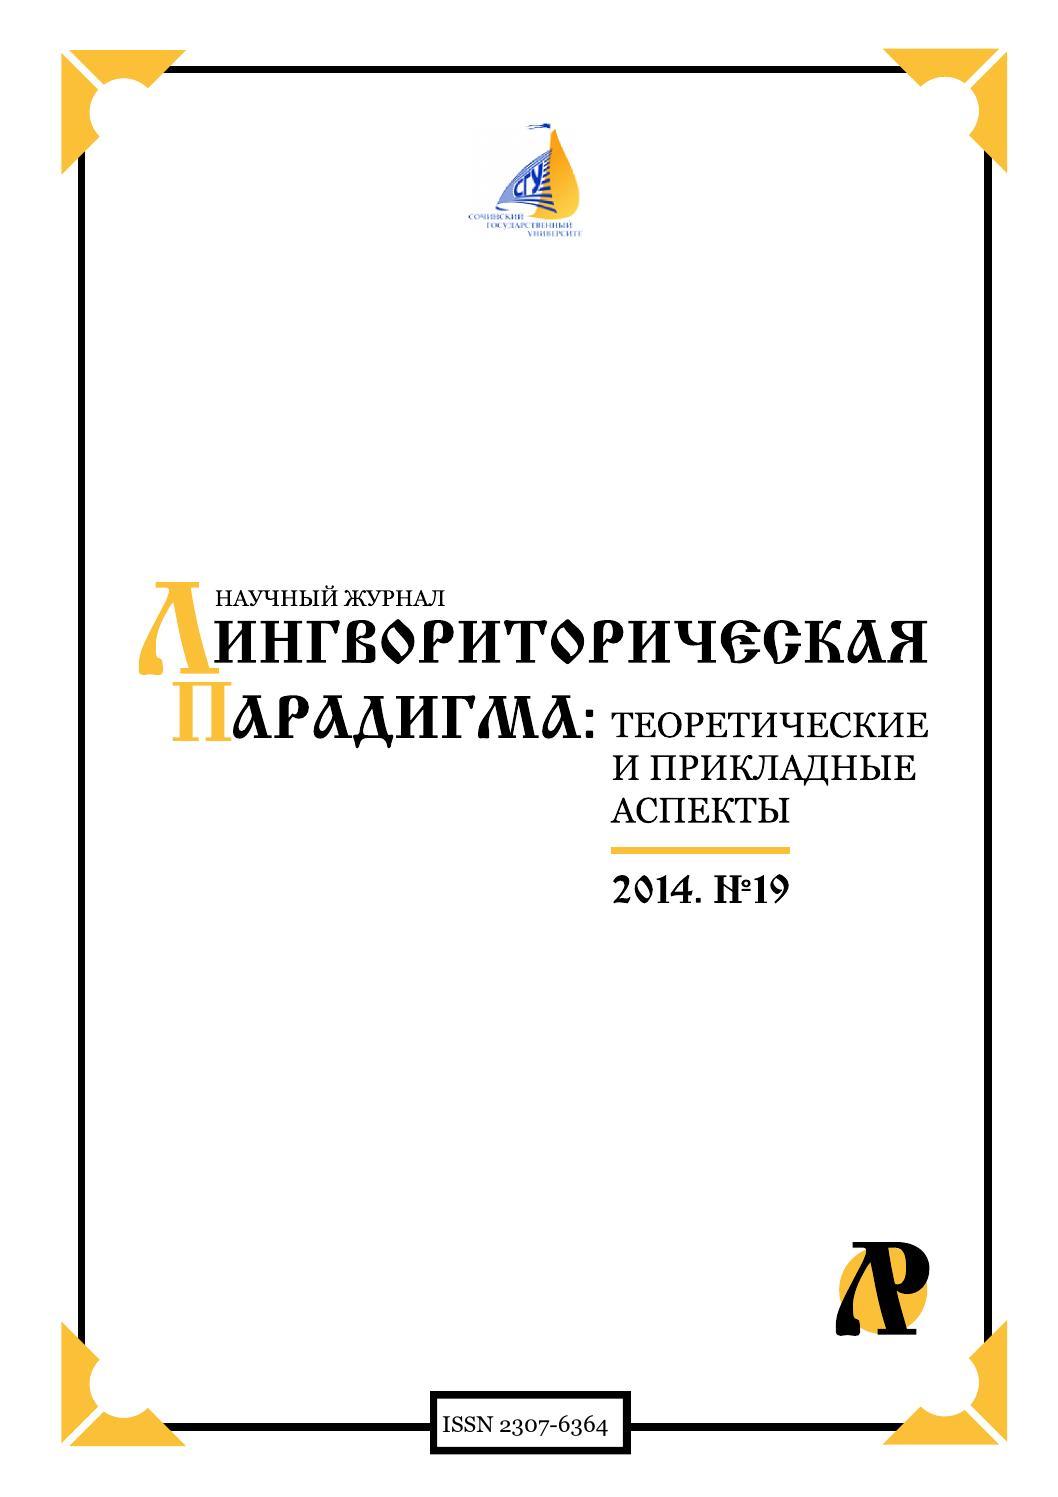 Лингвориторическая Парадигма: Теоретические И Прикладные With Regard To Rapides Parish Archived Calendar 2014